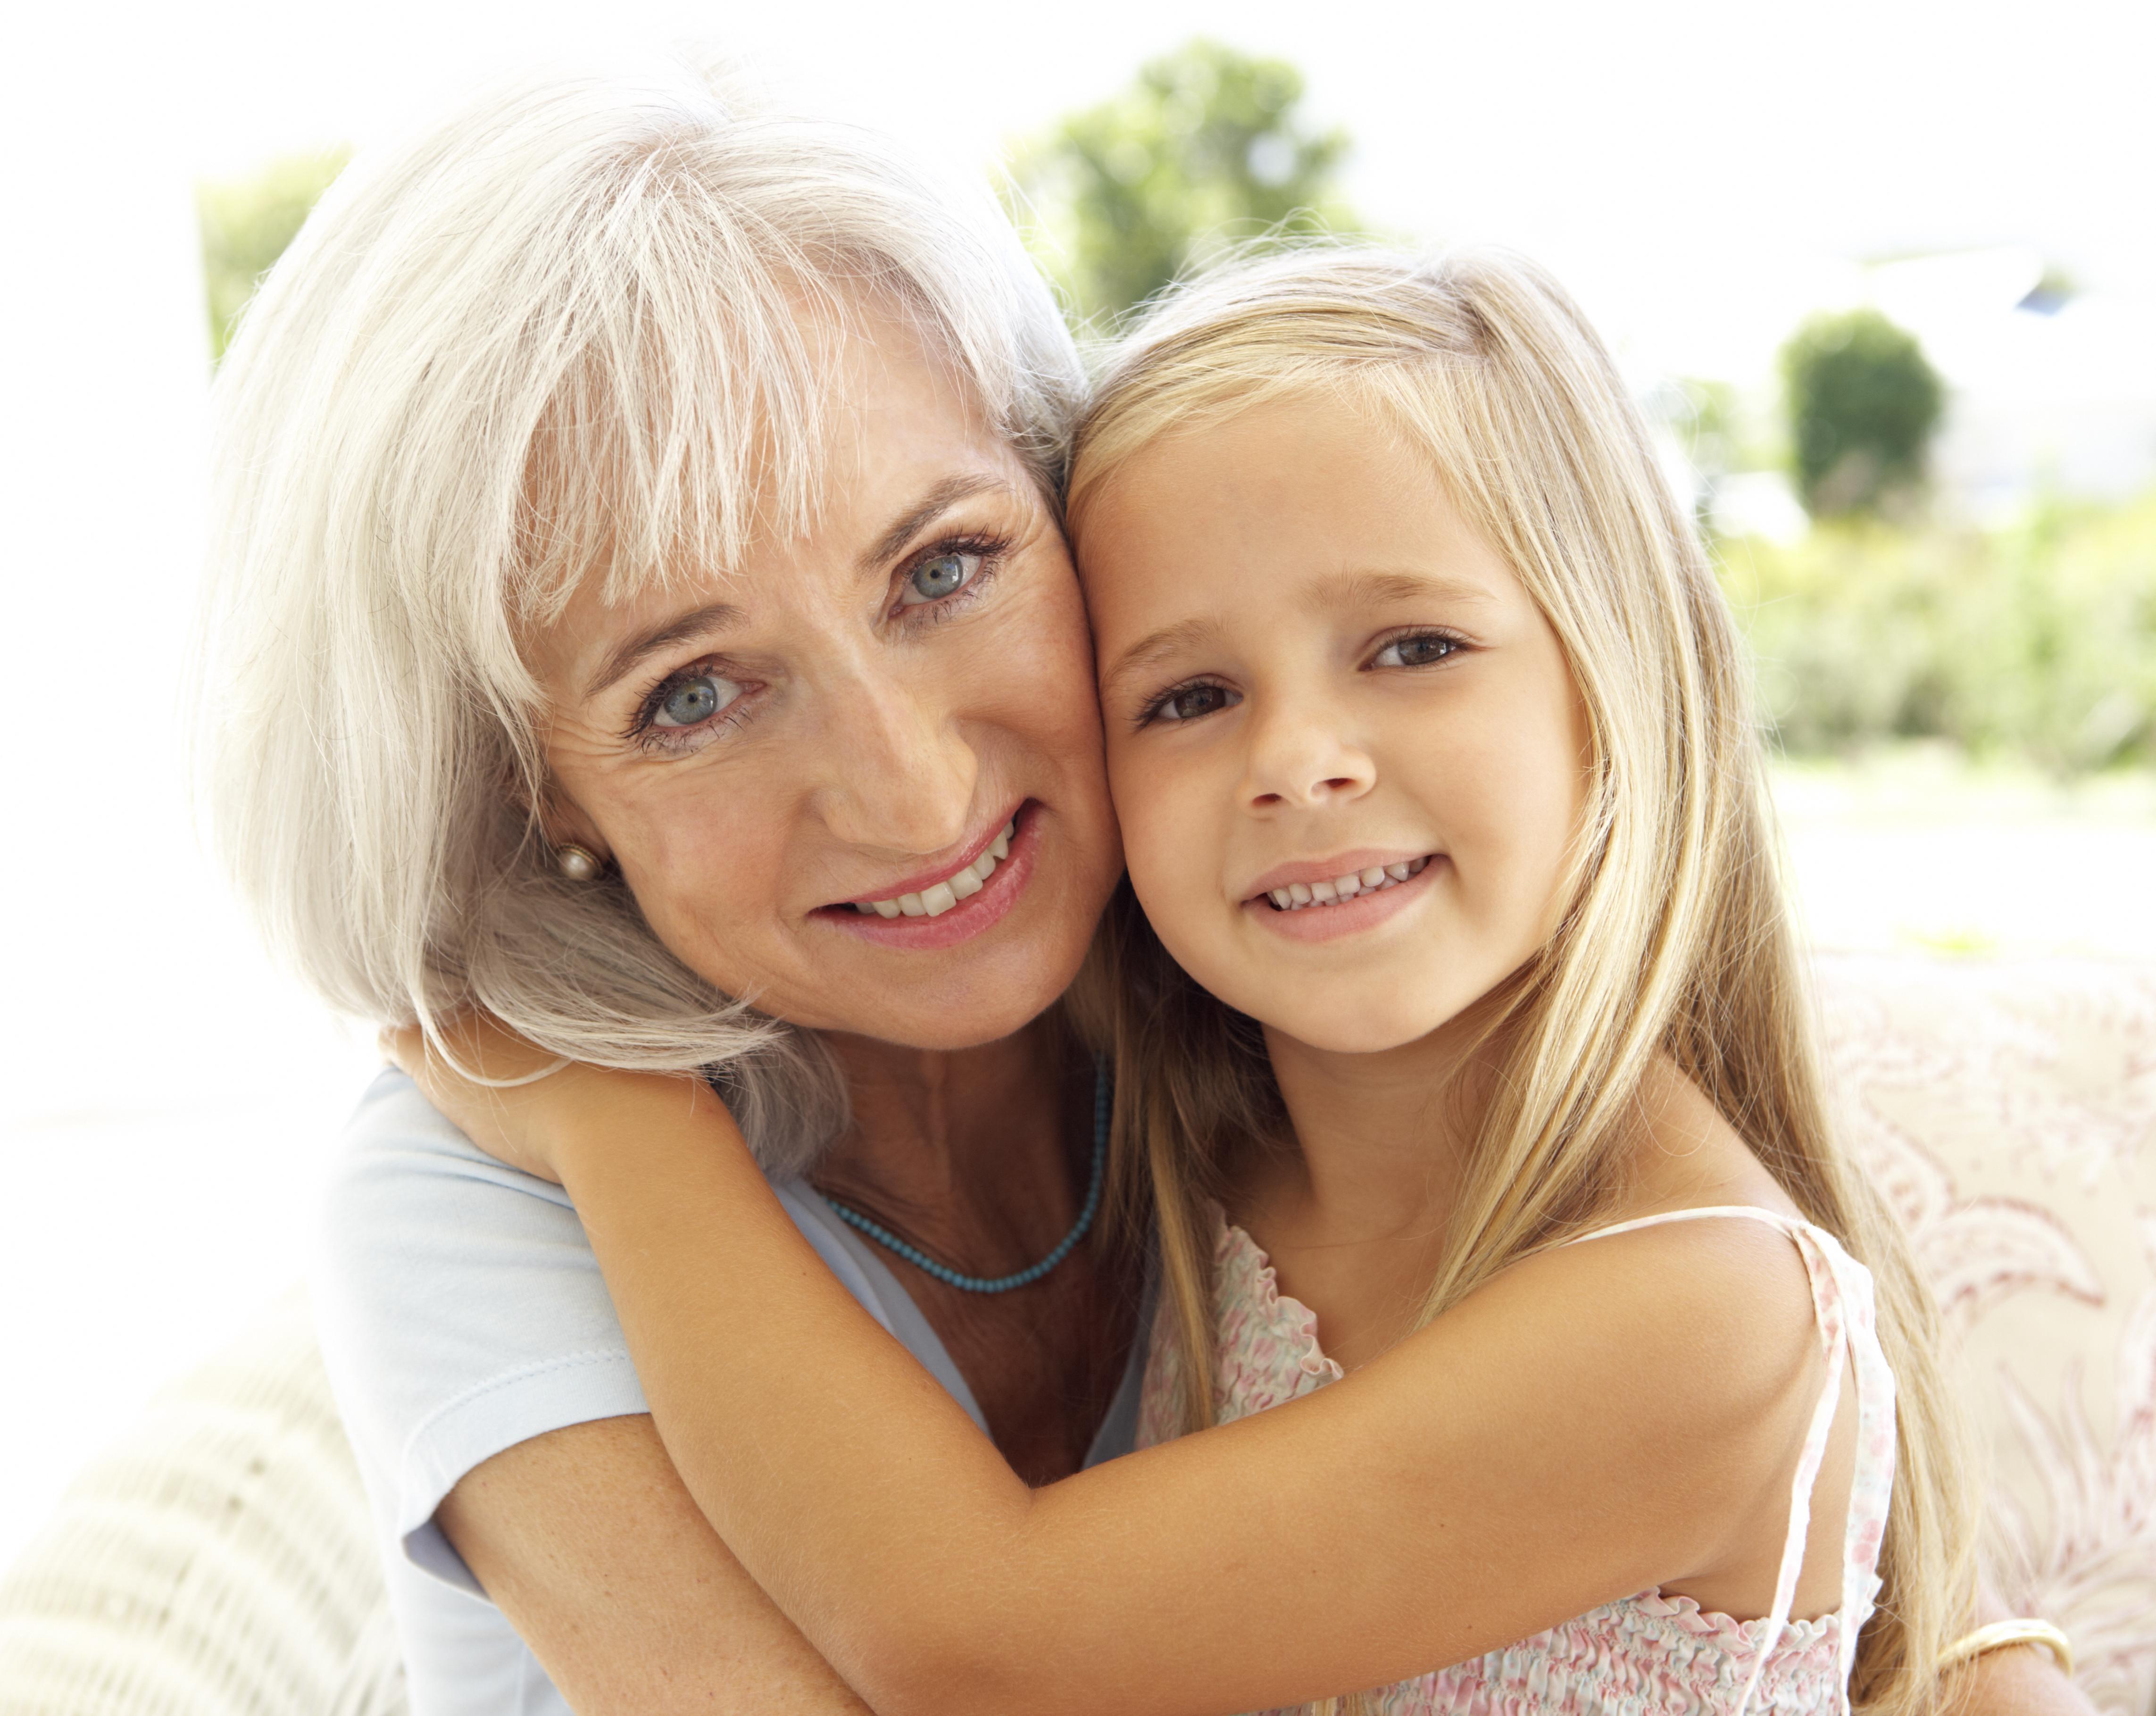 IMPALA - DEPARTAMENTO DE DIREITOS - ARQUIVO IMPALA - TODAS AS REVISTAS - ROYALTY FREE - FAMILIA Retrato de avó e neta, ternura, carinho, felicidade, rostos colados, sorriso, boa disposição Portrait Of Grandmother With Granddaughter Relaxing Together On Sof